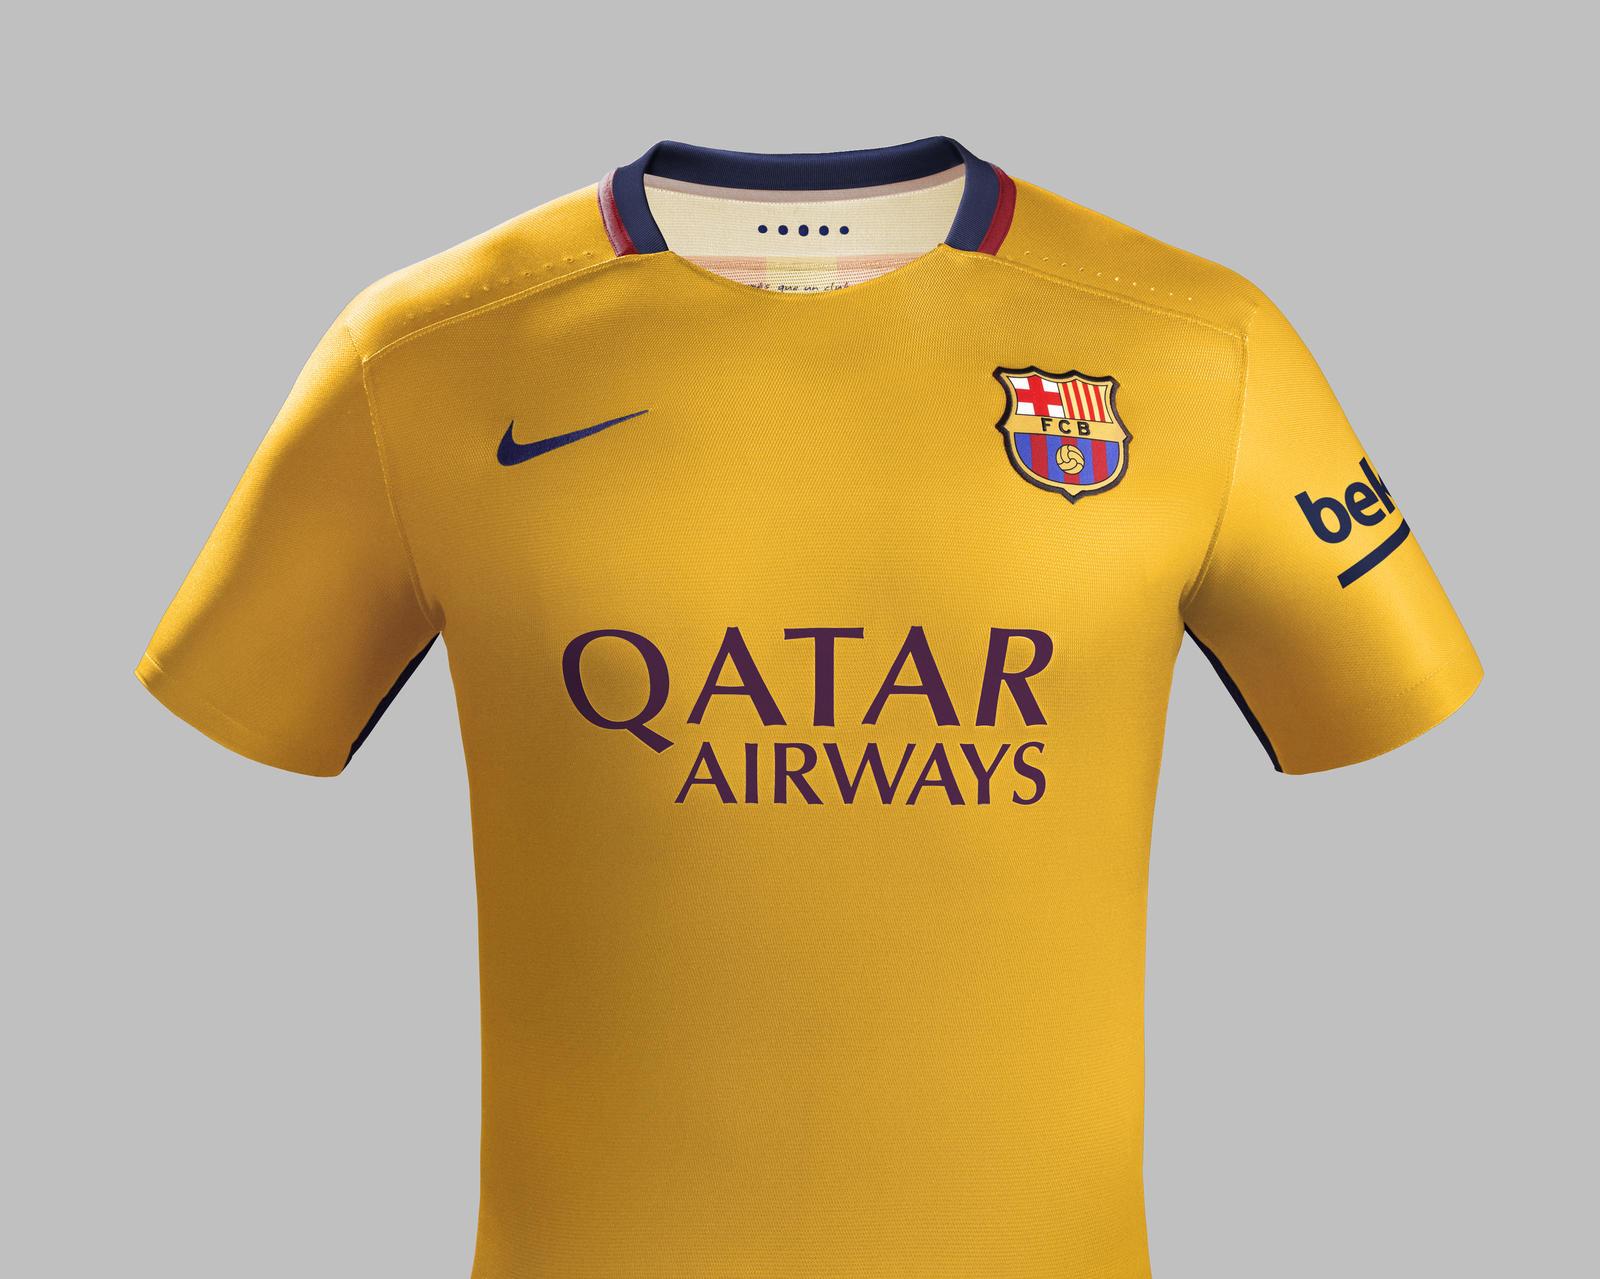 nike-barcelona-away-jersey.jpg